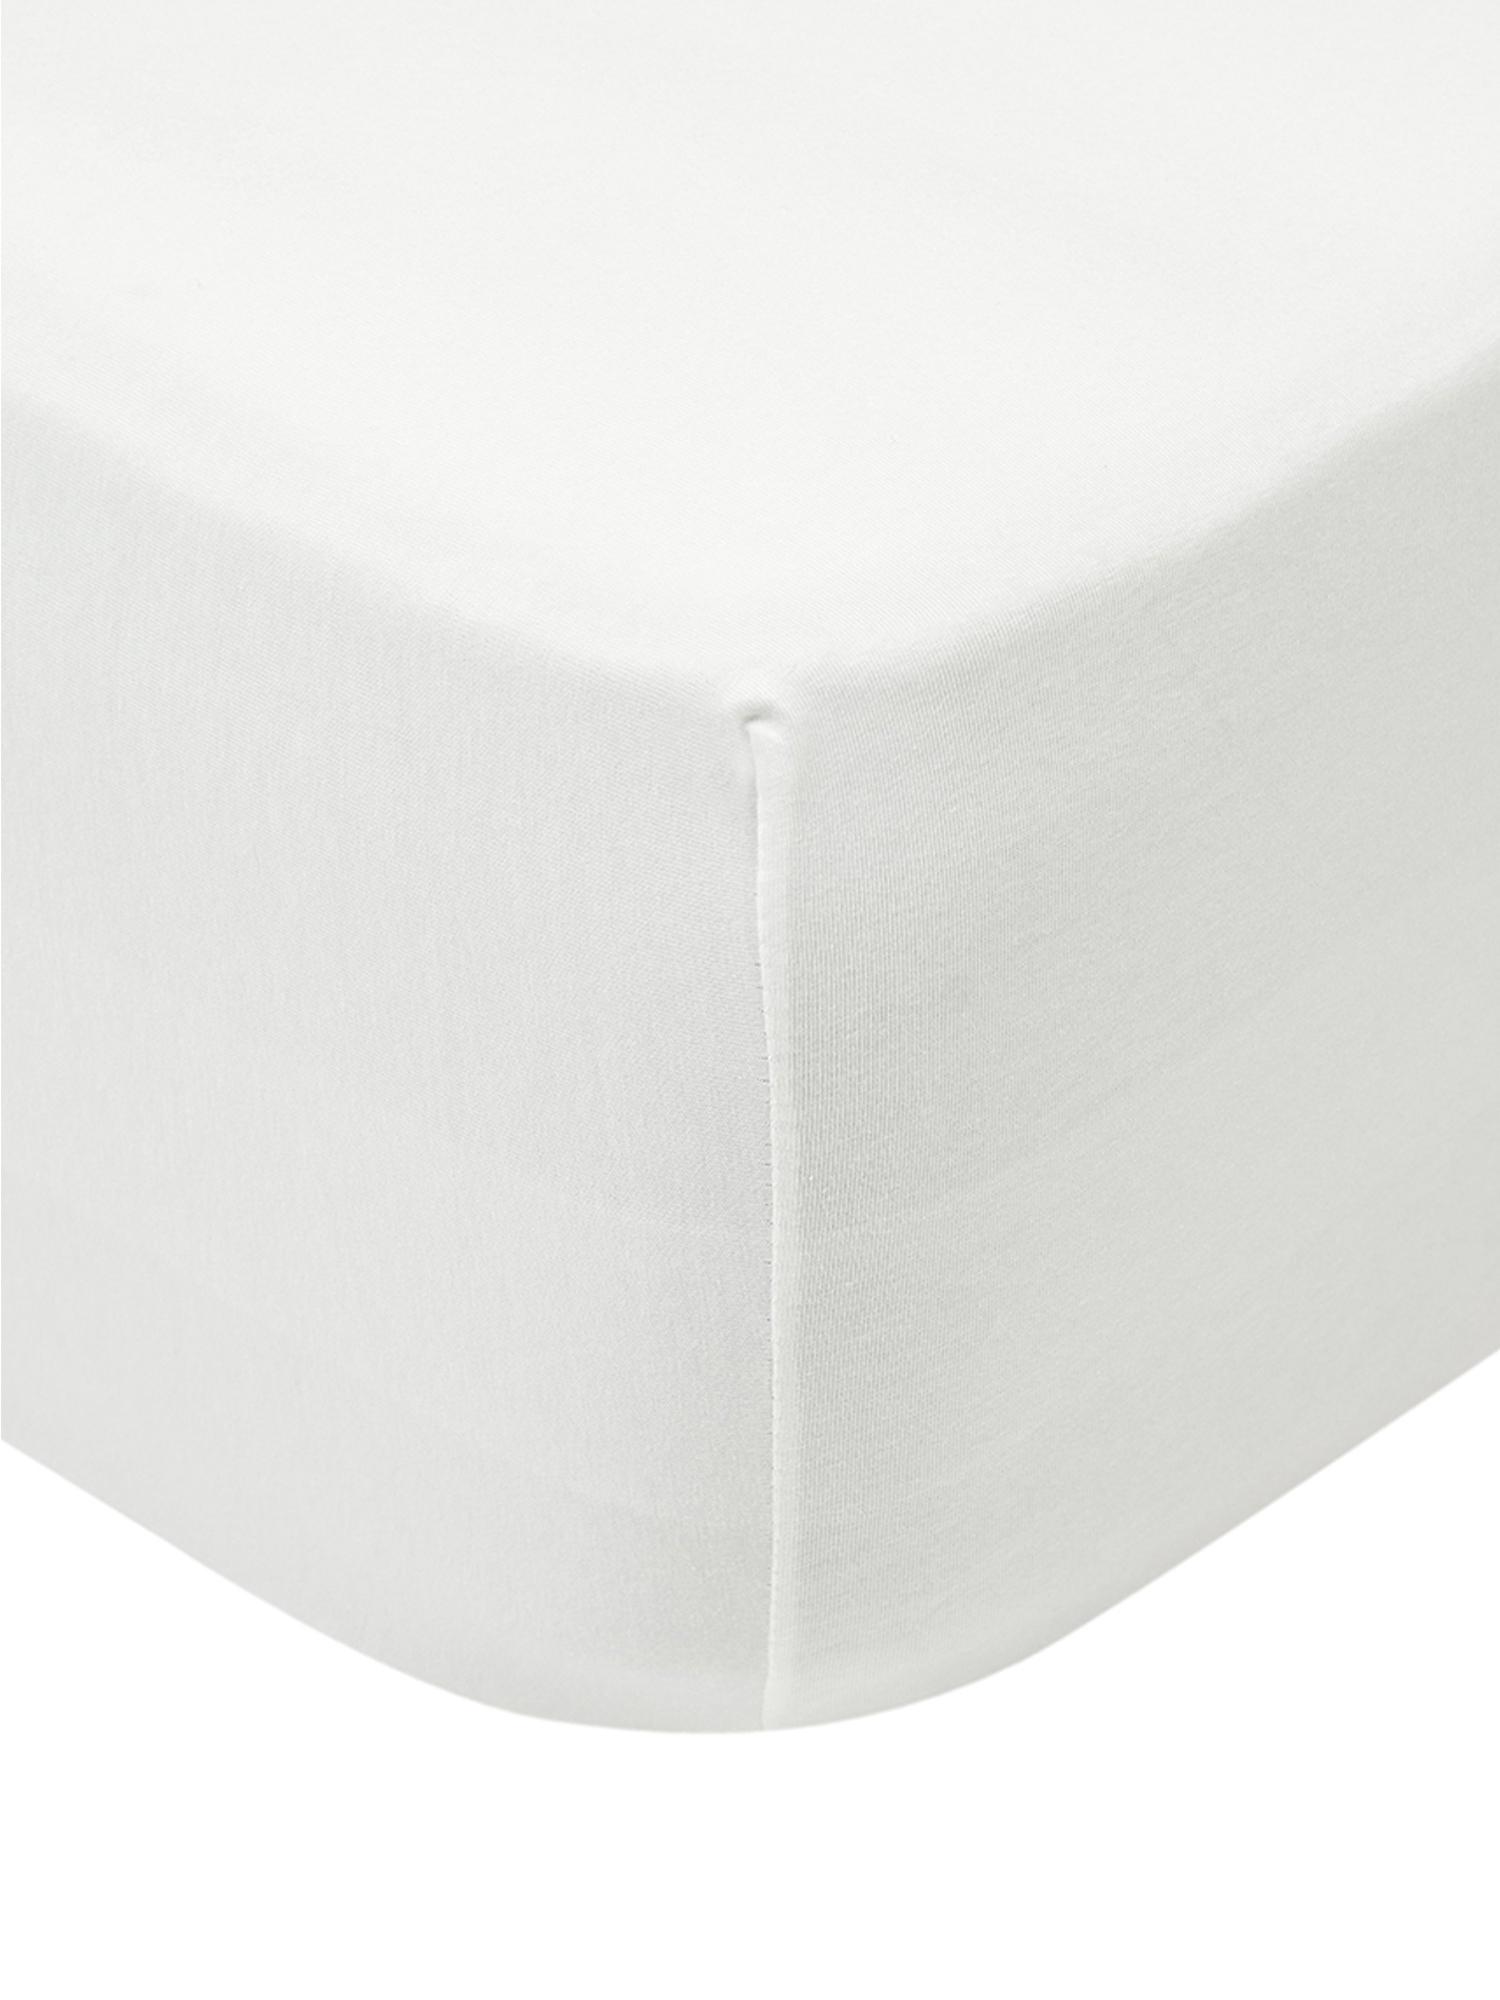 Jersey topper hoeslaken Lara, 95% katoen, 5% elastaan, Crèmekleurig, 90 x 200 cm